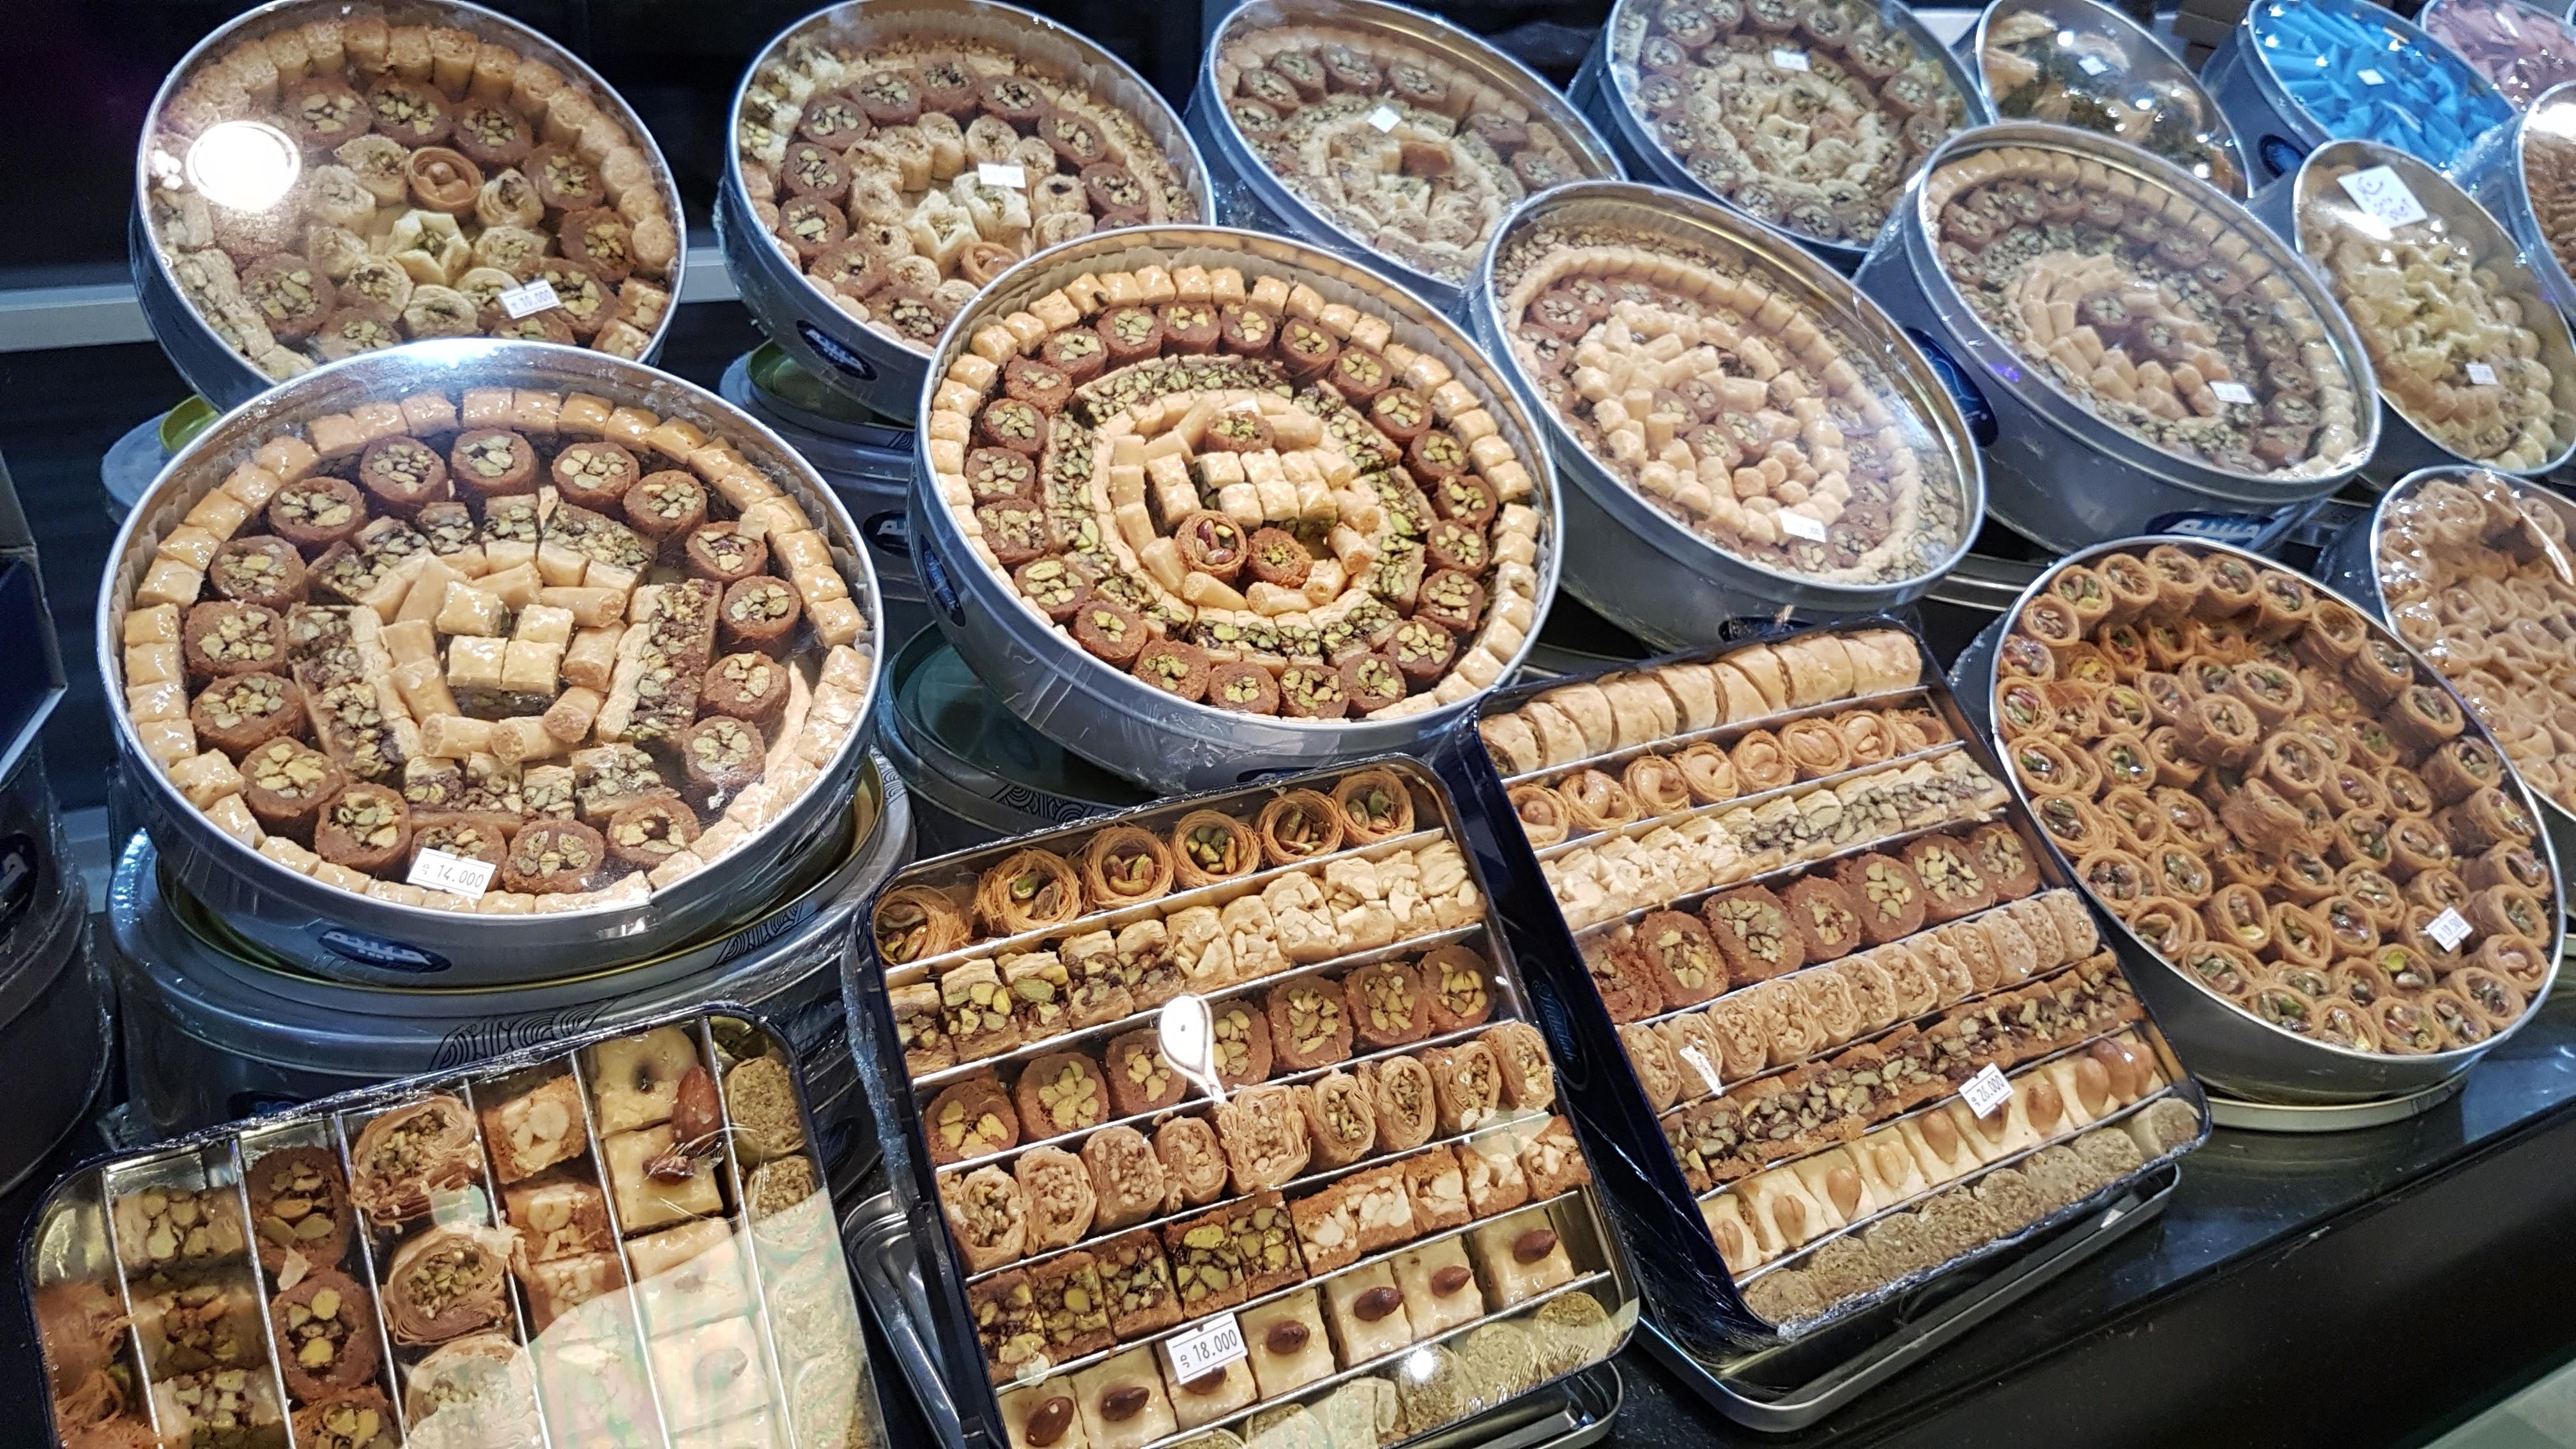 【約旦】約旦人引以為傲的飲食文化 – 「背包行」體驗旅人